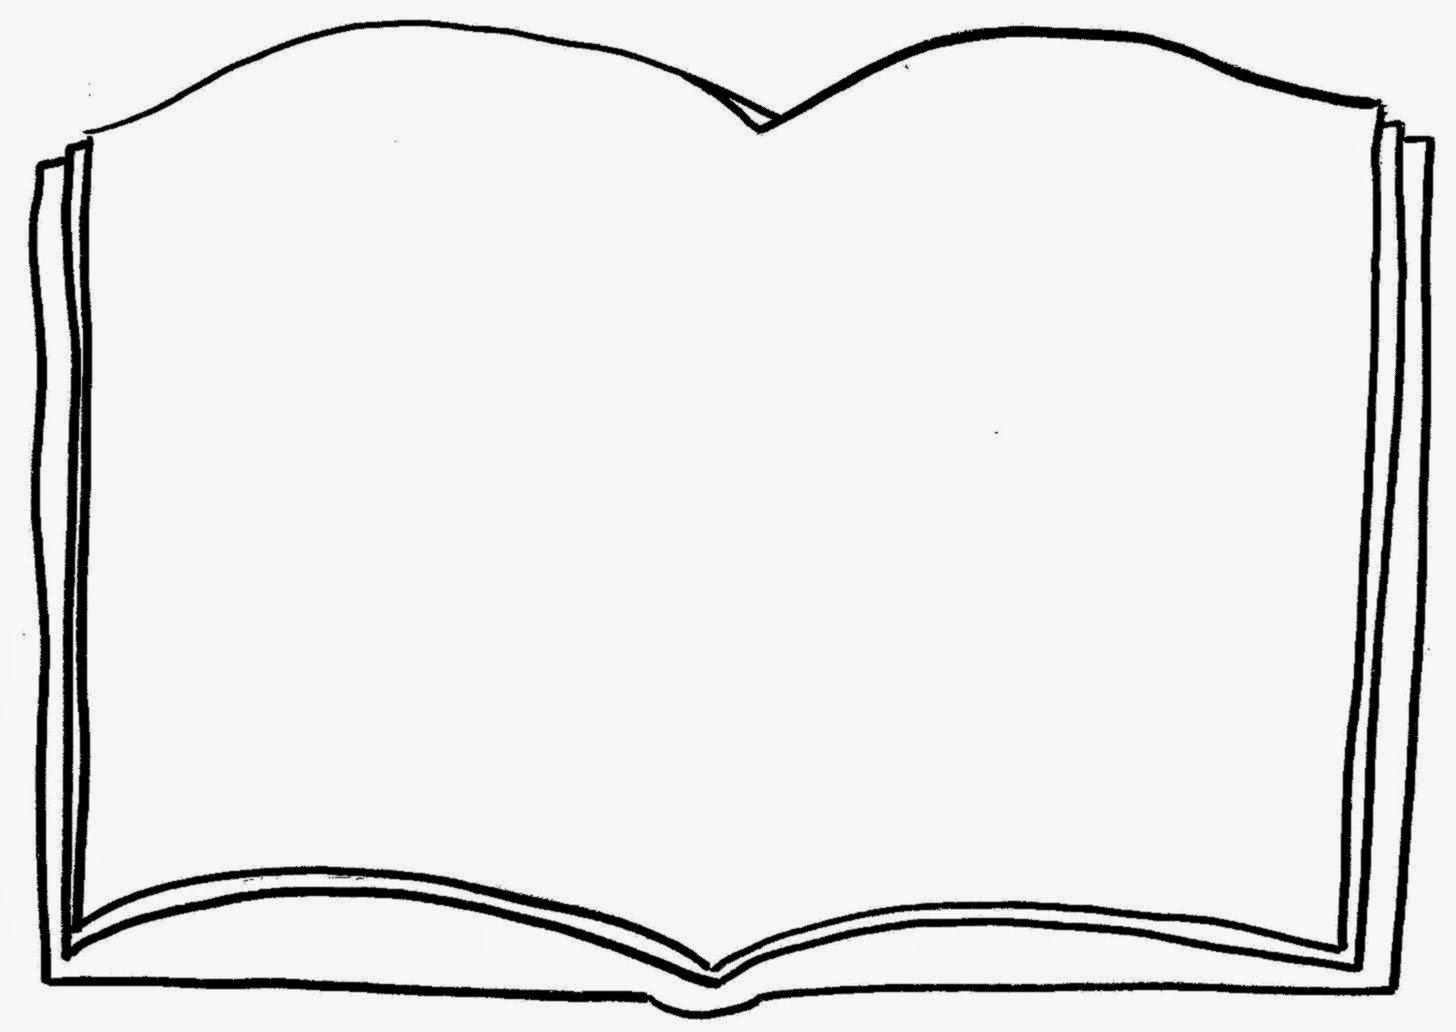 1456x1032 Open Book Clip Art